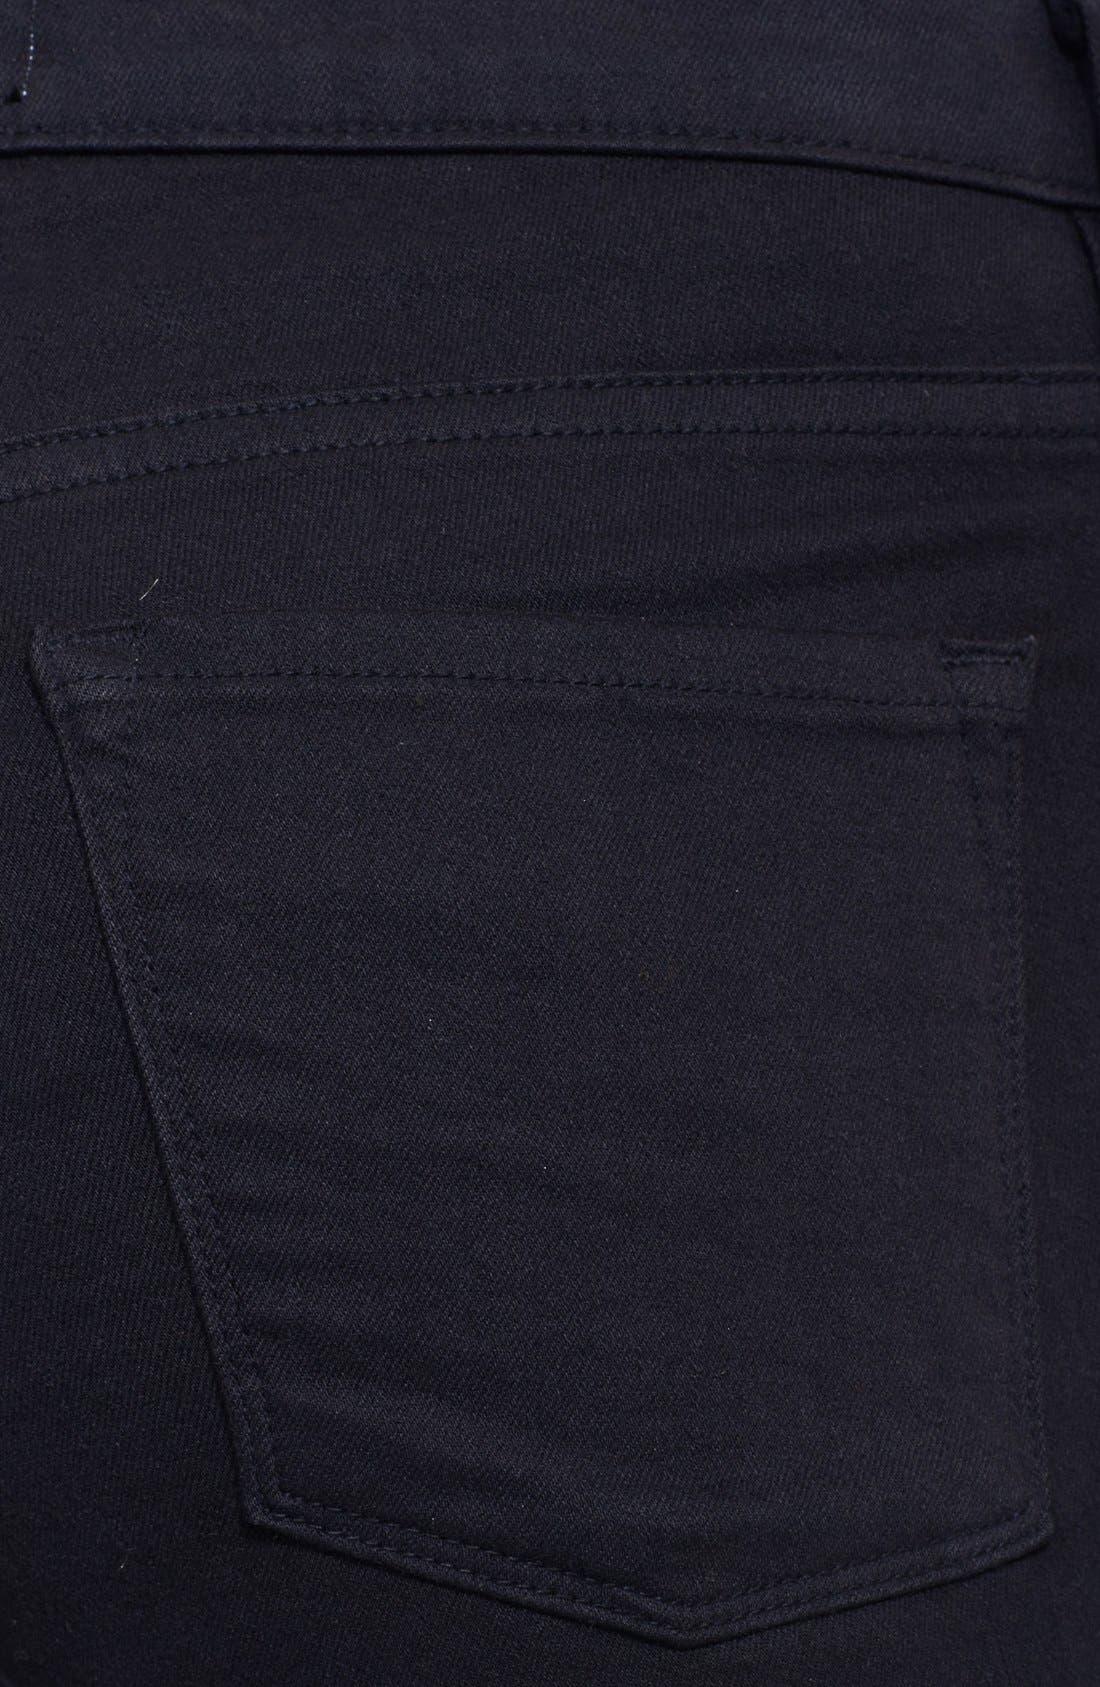 Alternate Image 3  - FRAME Le Color Skinny Jeans